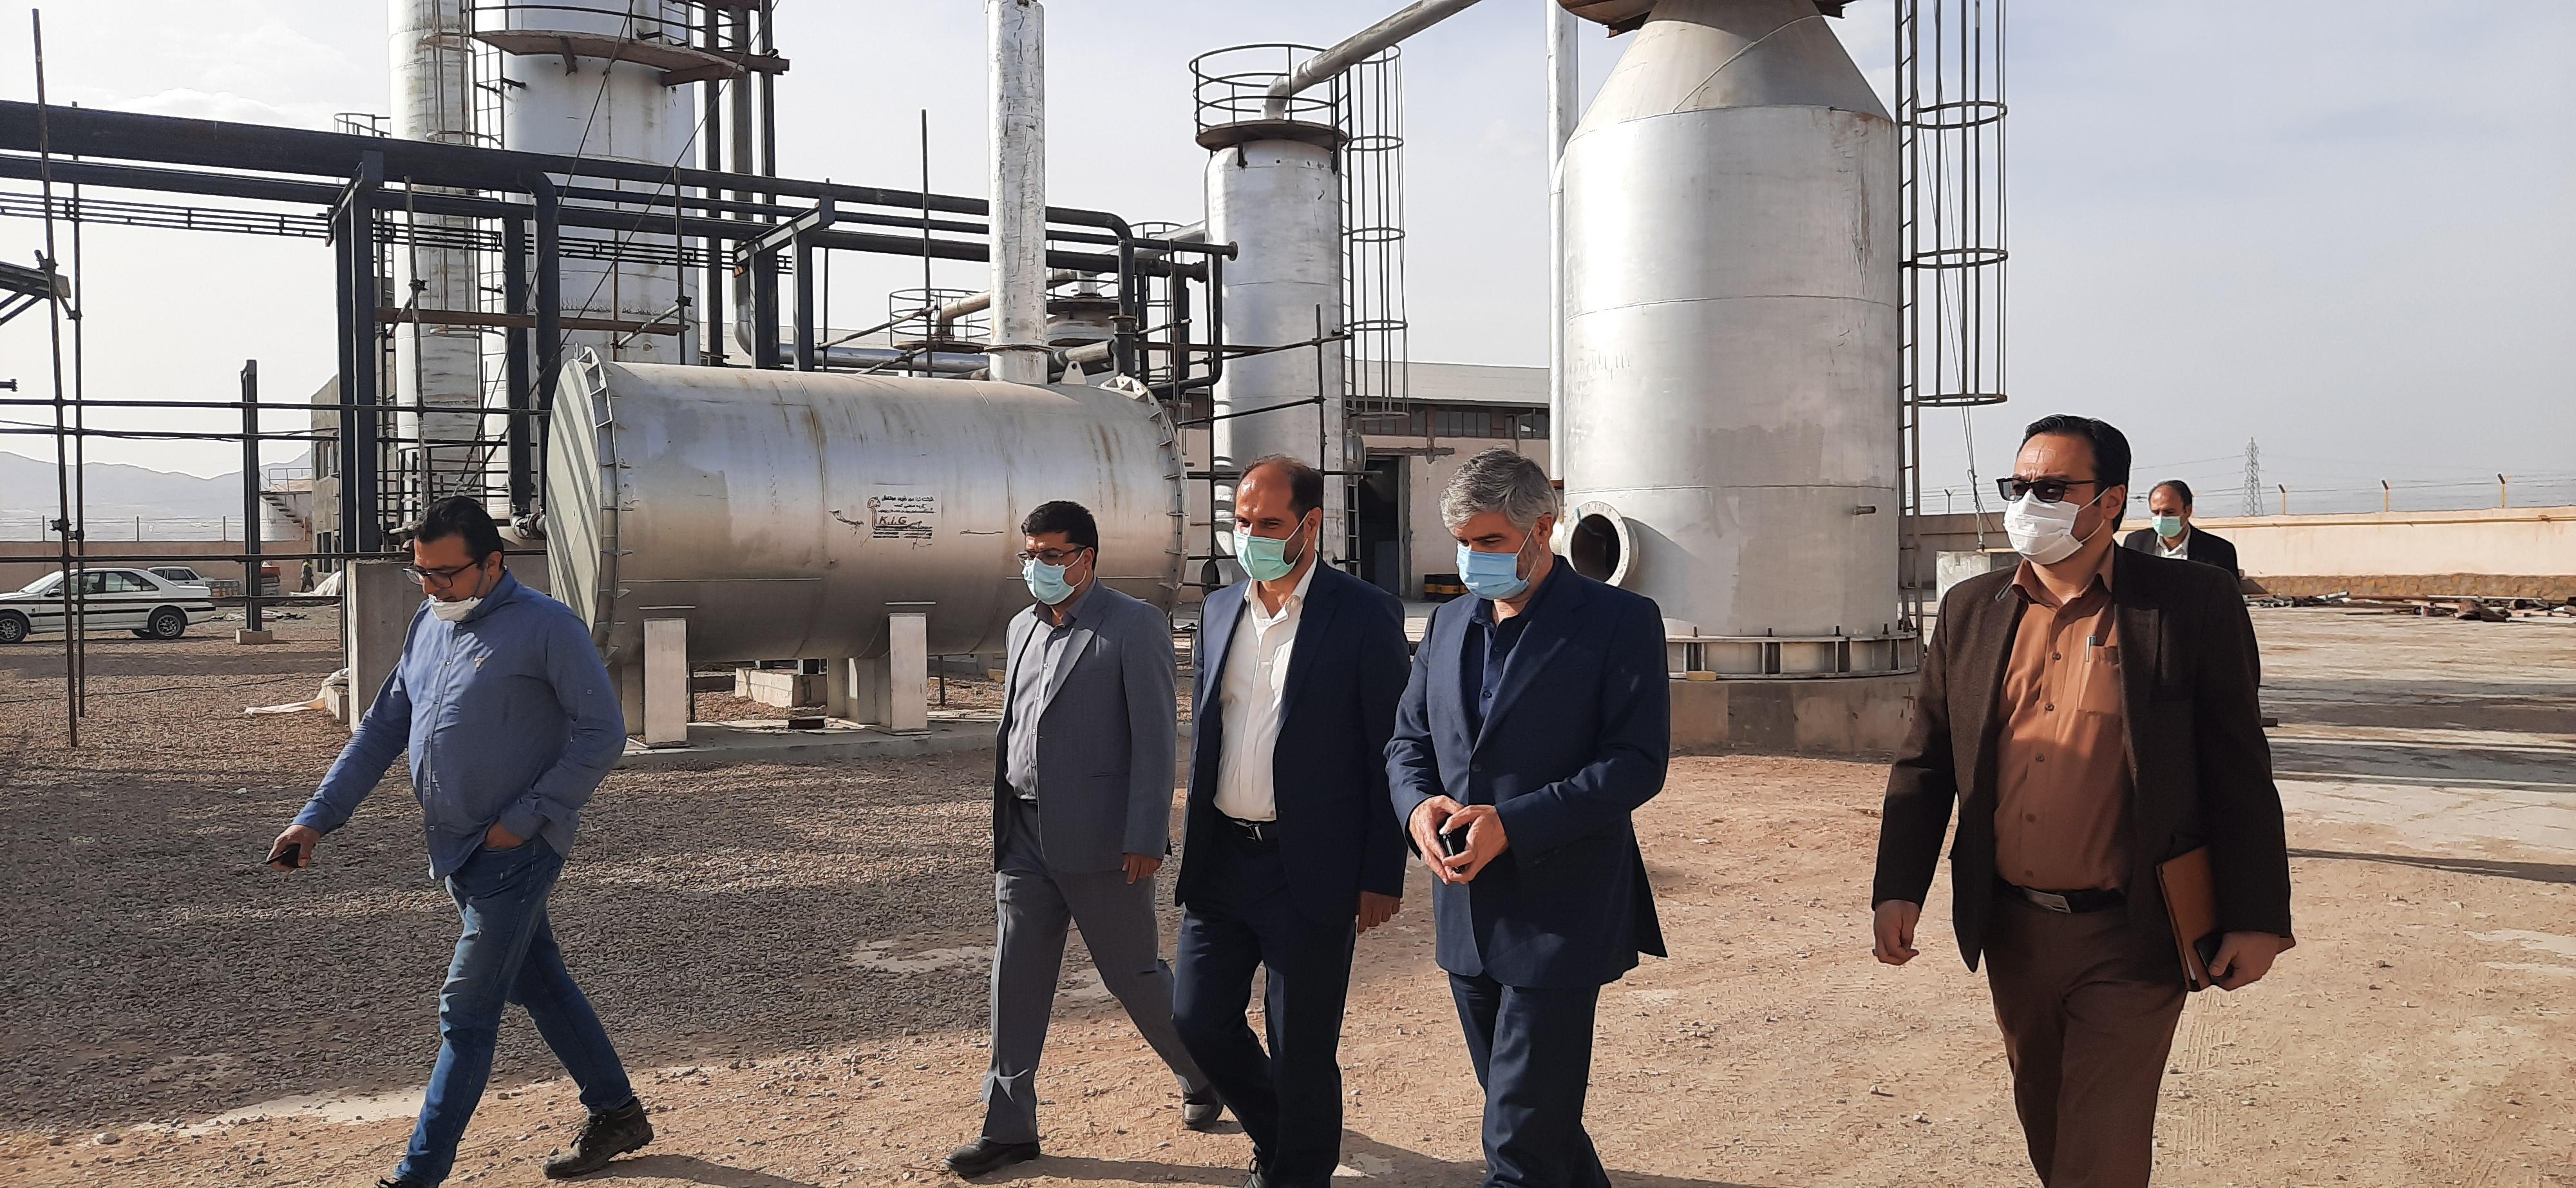 گزارش تصویری بازدید رئیس سازمان از تعدادی واحد صنعتی در دلیجان